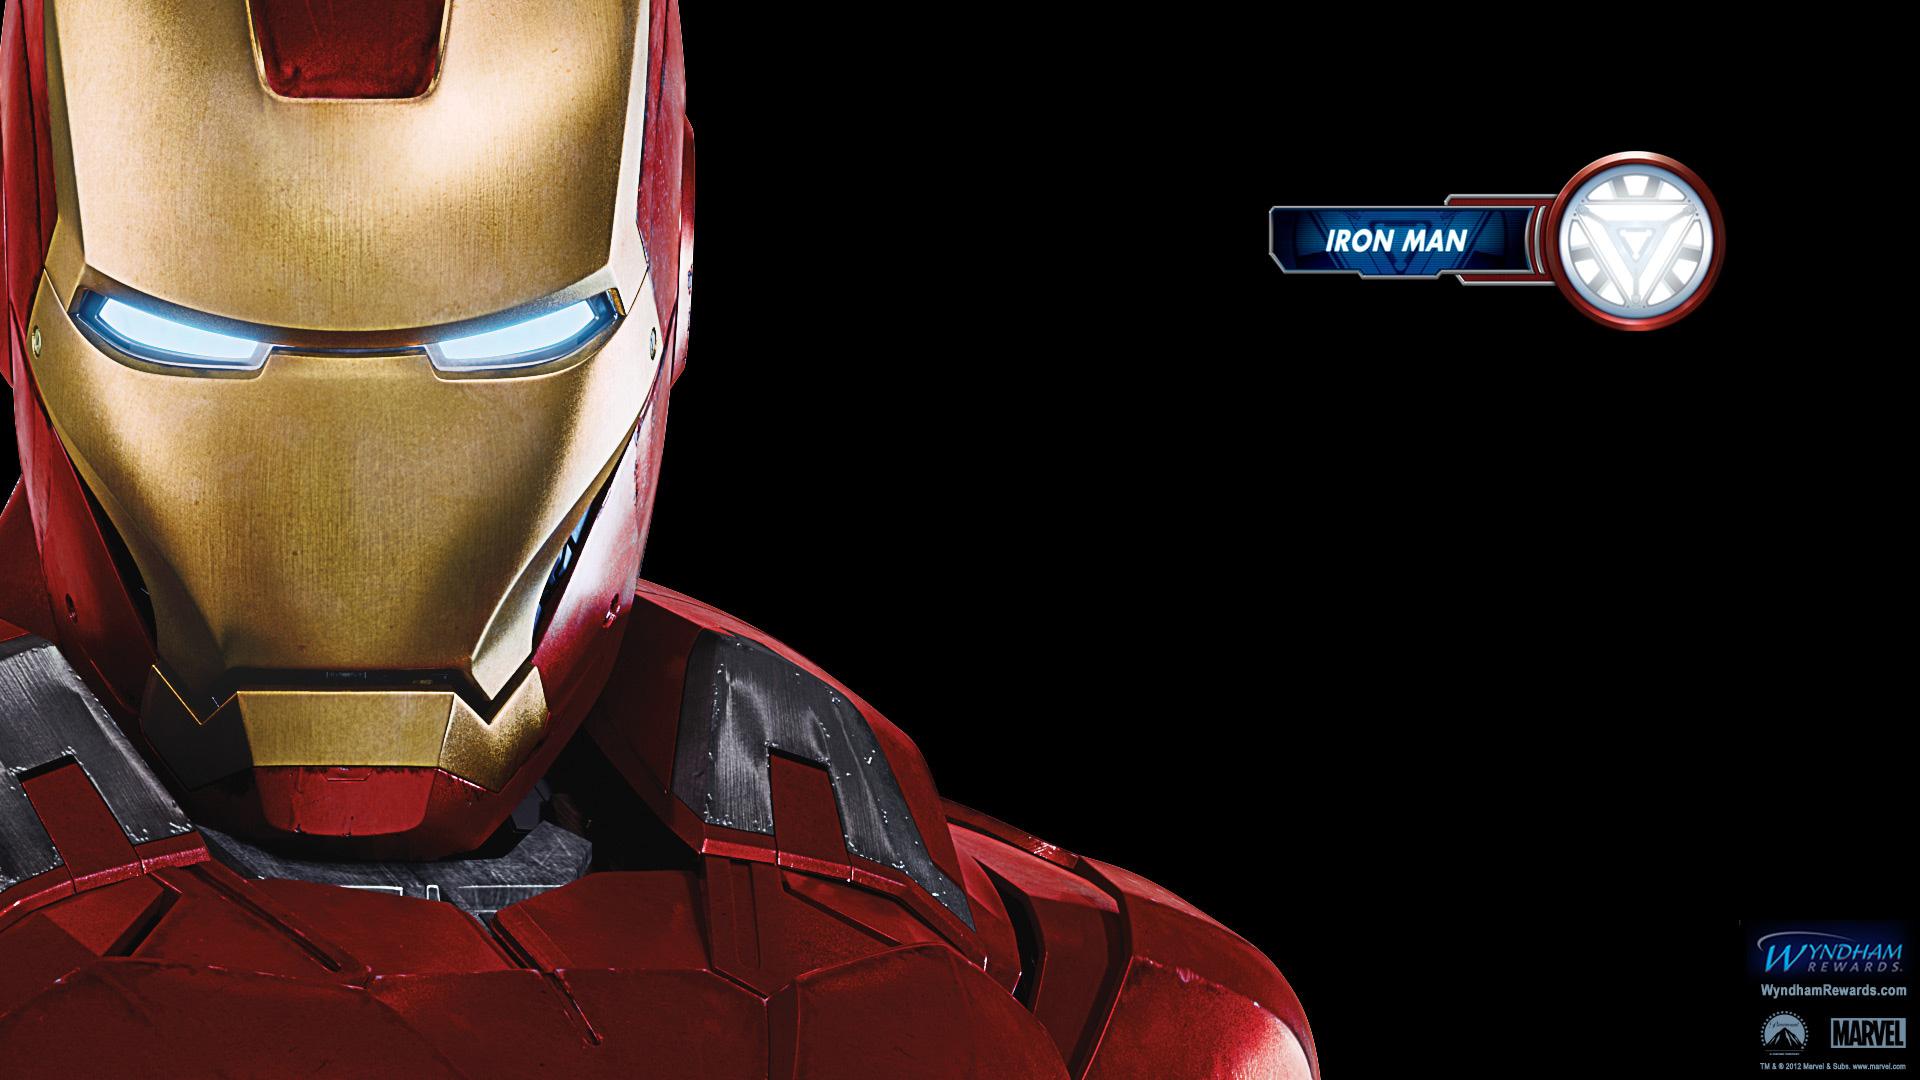 Wallpaper iron man Avengers